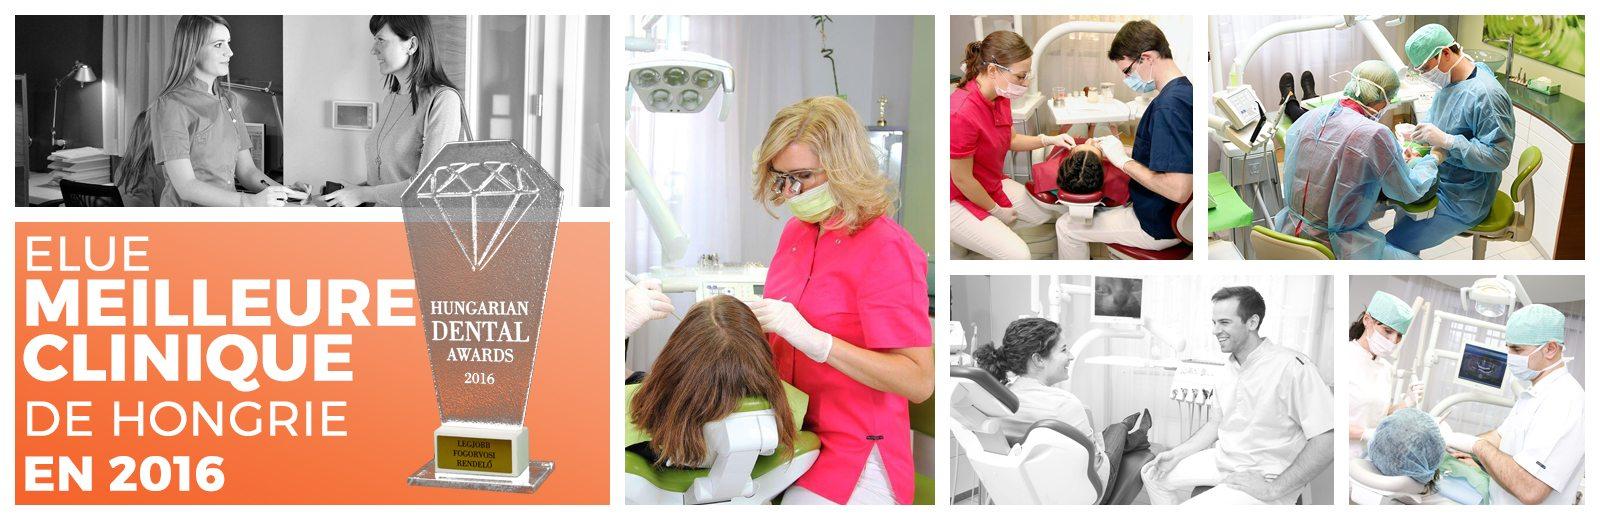 meilleure clinique dentaire de hongrie en 2016 centre implant maurice. Black Bedroom Furniture Sets. Home Design Ideas